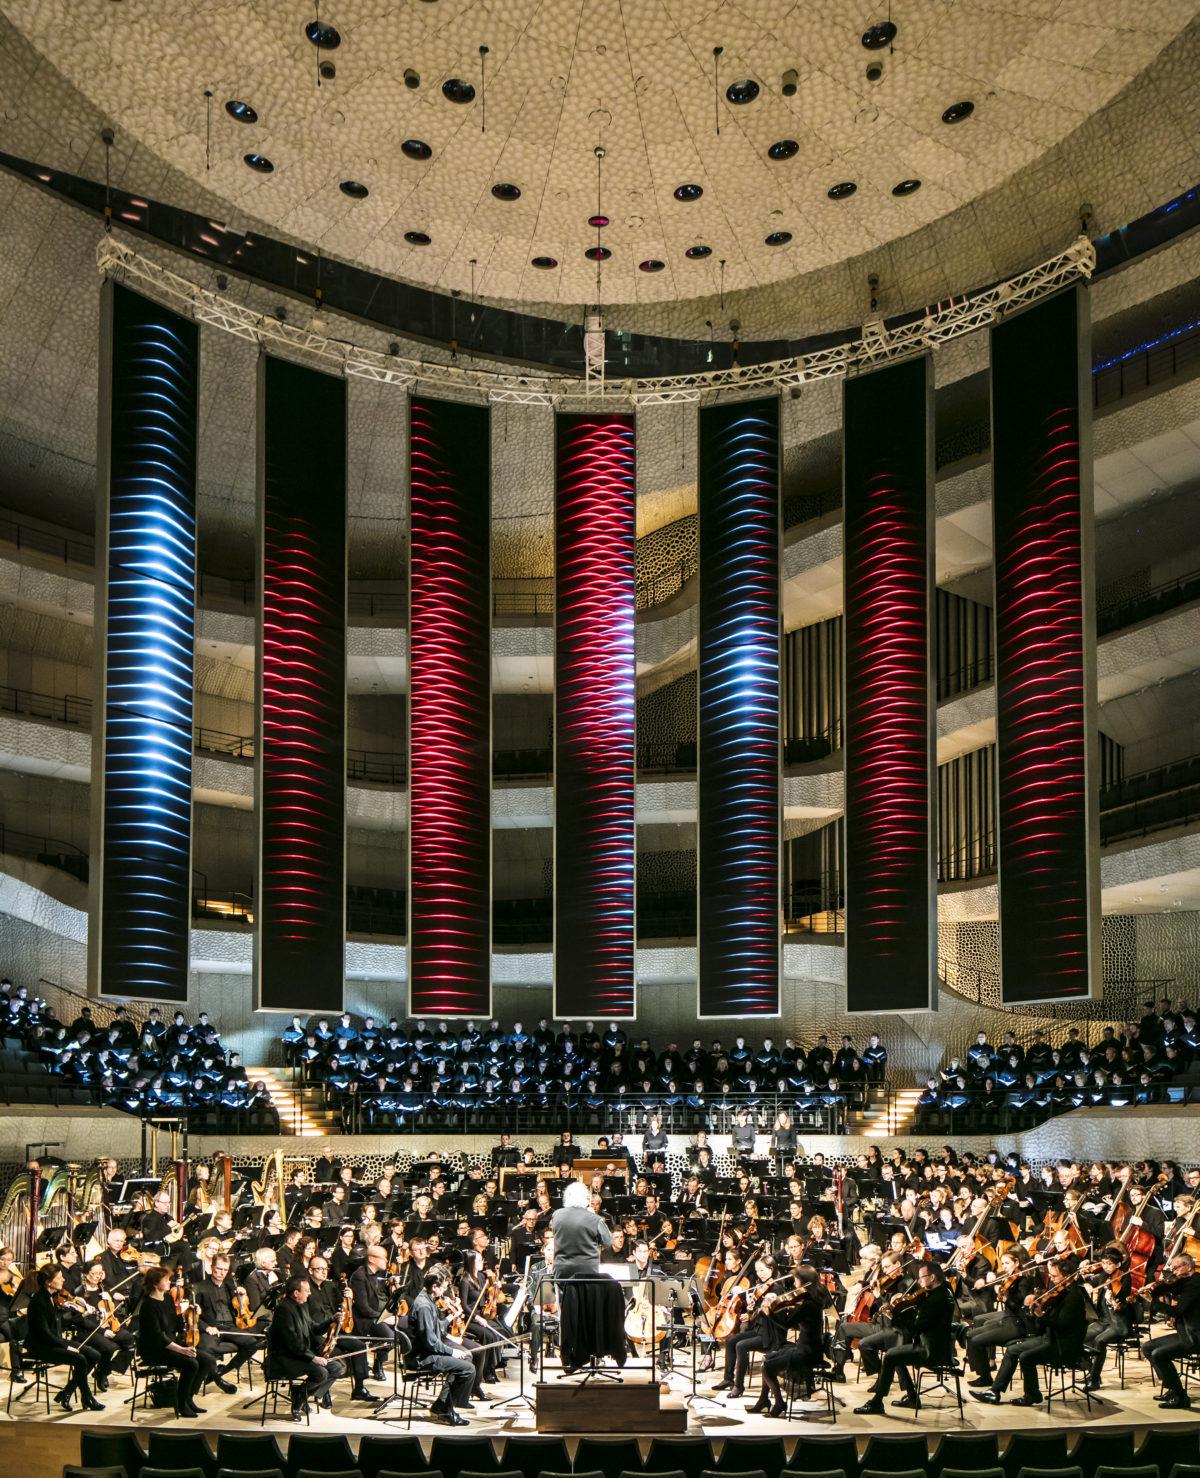 Gustav Mahler, Sinfonie Nr. 8, Eliahu Inbal, Philharmonisches Staatsorchester Hamburg, Chor der Hamburgischen Staatsoper, Hamburger Alsterspatzen, Staatlicher Akademischer Chor Latvija,  Elbphilharmonie